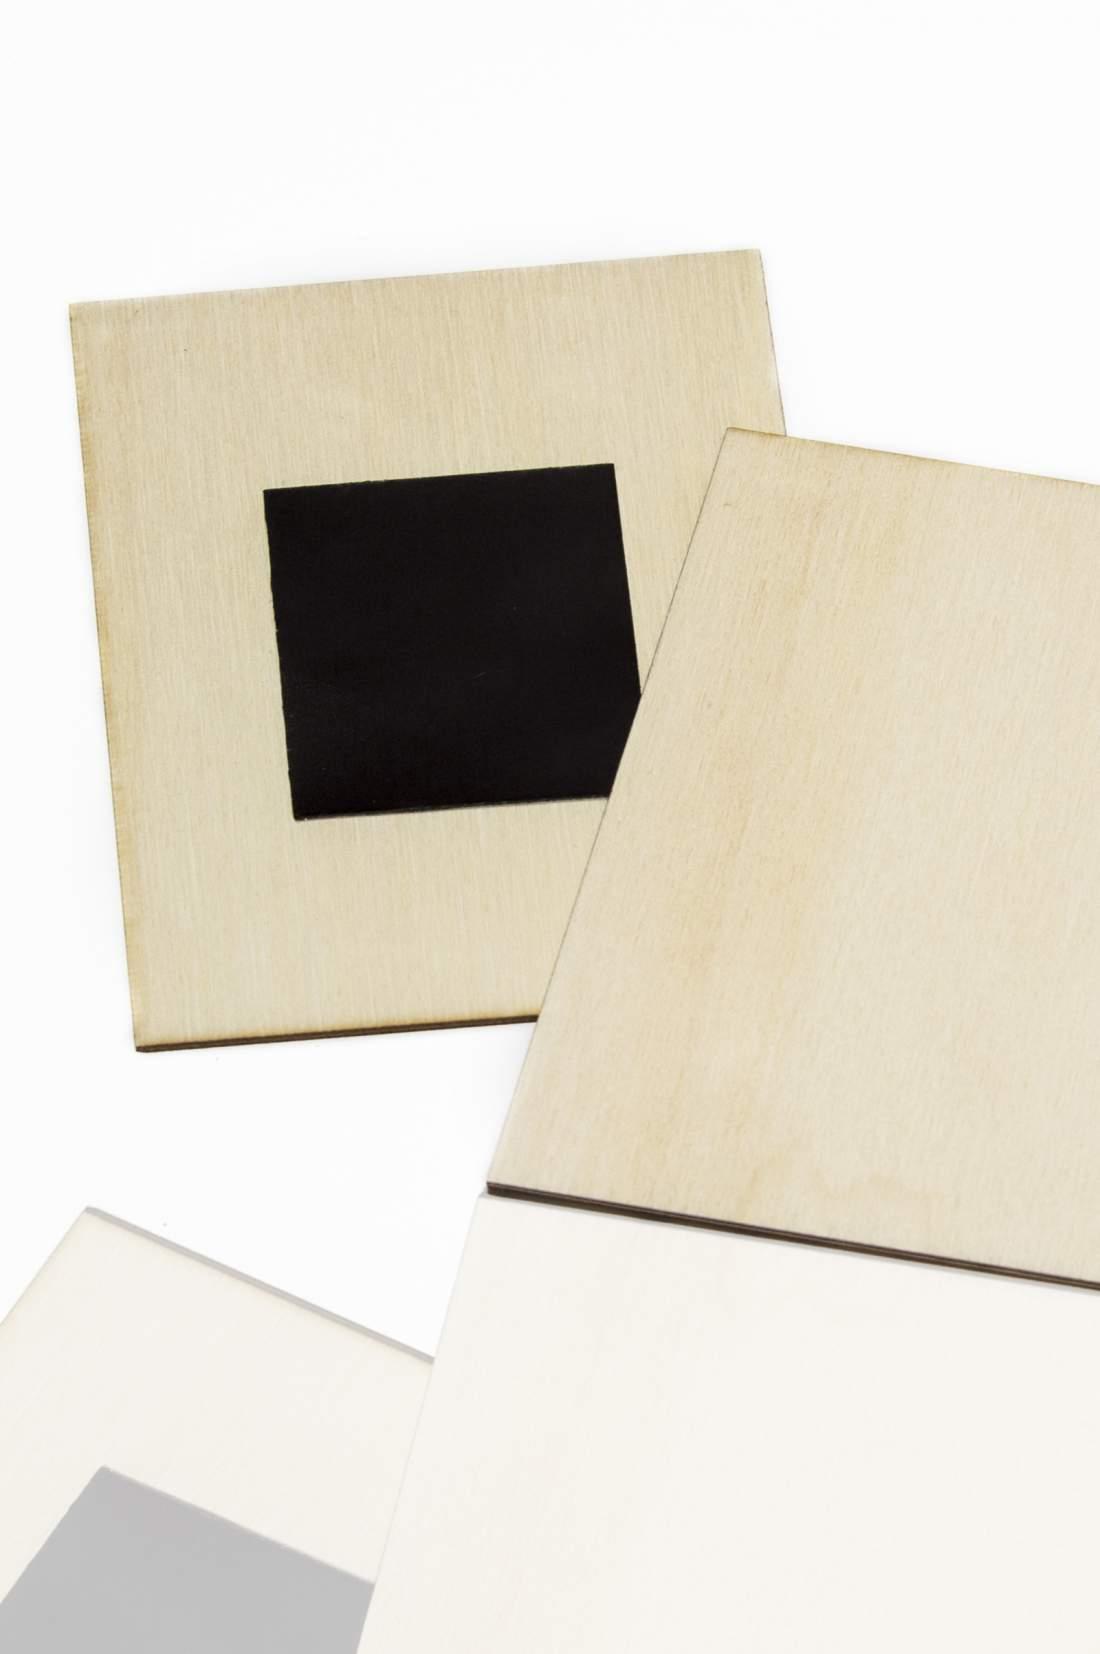 102.2 Placă din lemn pentru magnet frigider, felie dreptunghiulară 57x57mm